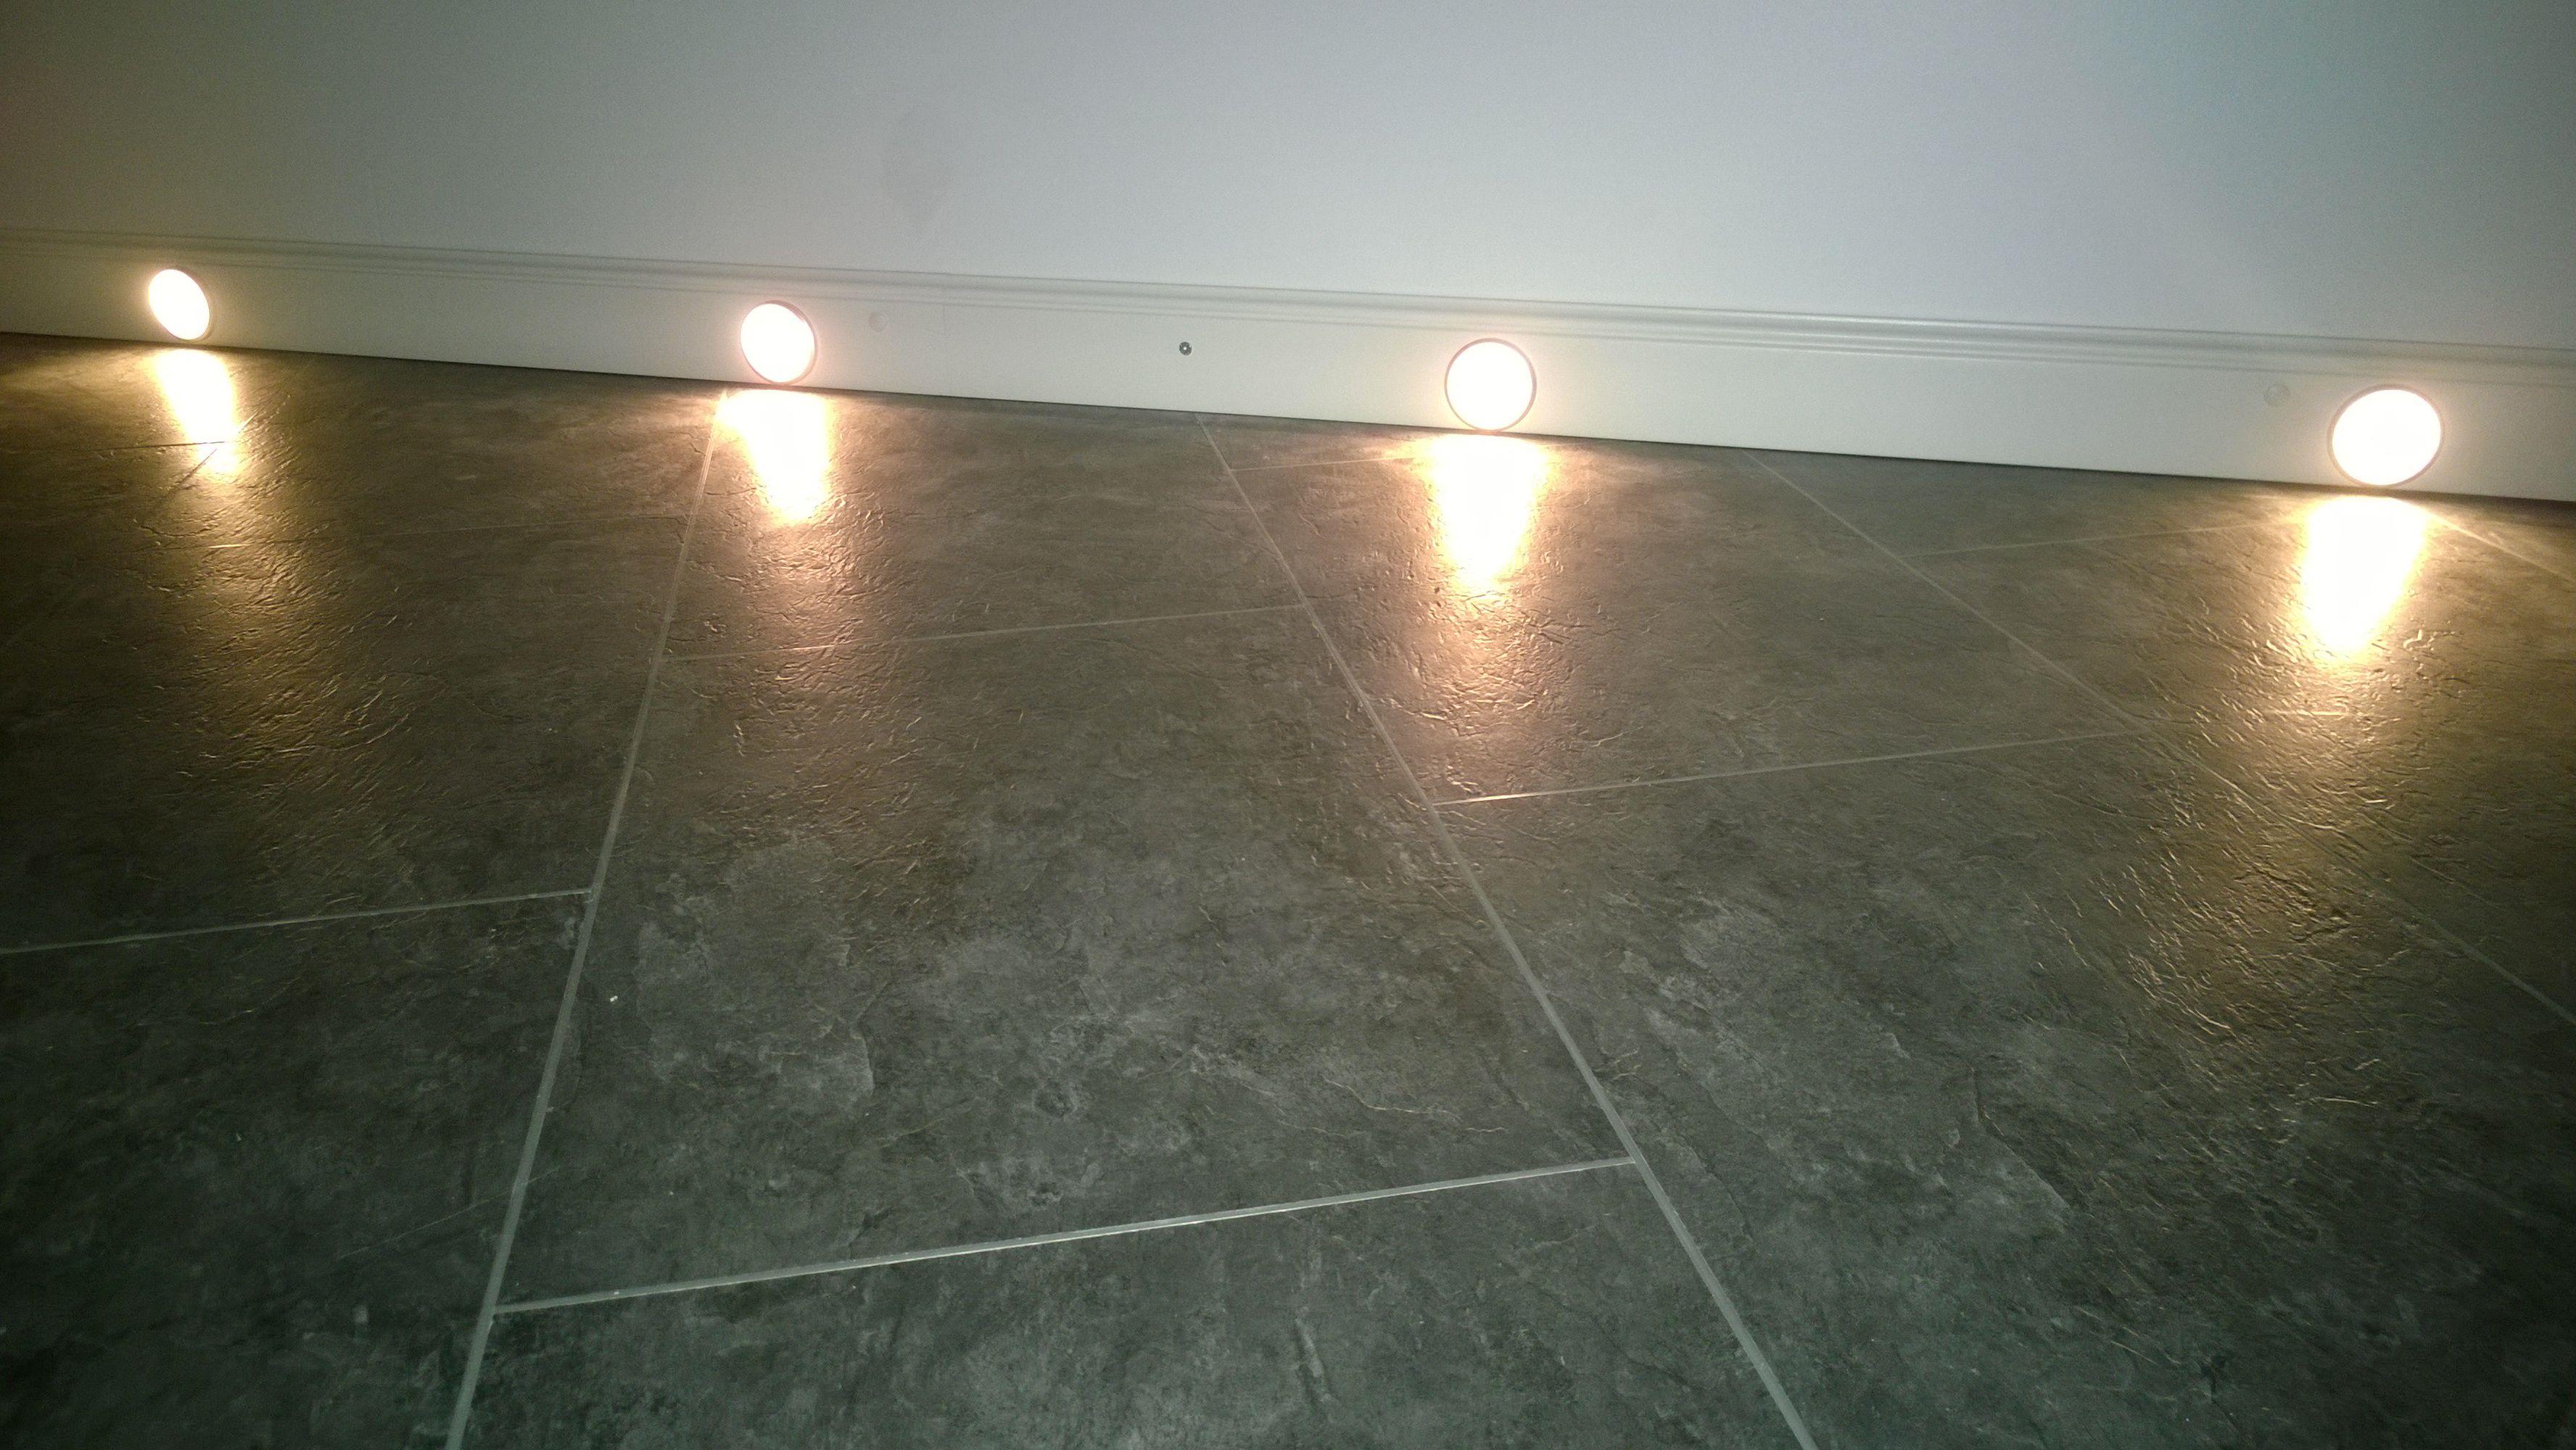 Vinylfußboden mit klassische, stilvolle, zeitlose NMC Sockelleiste/Fußleisten mit LED Beleuchtung - Maler Tommaso